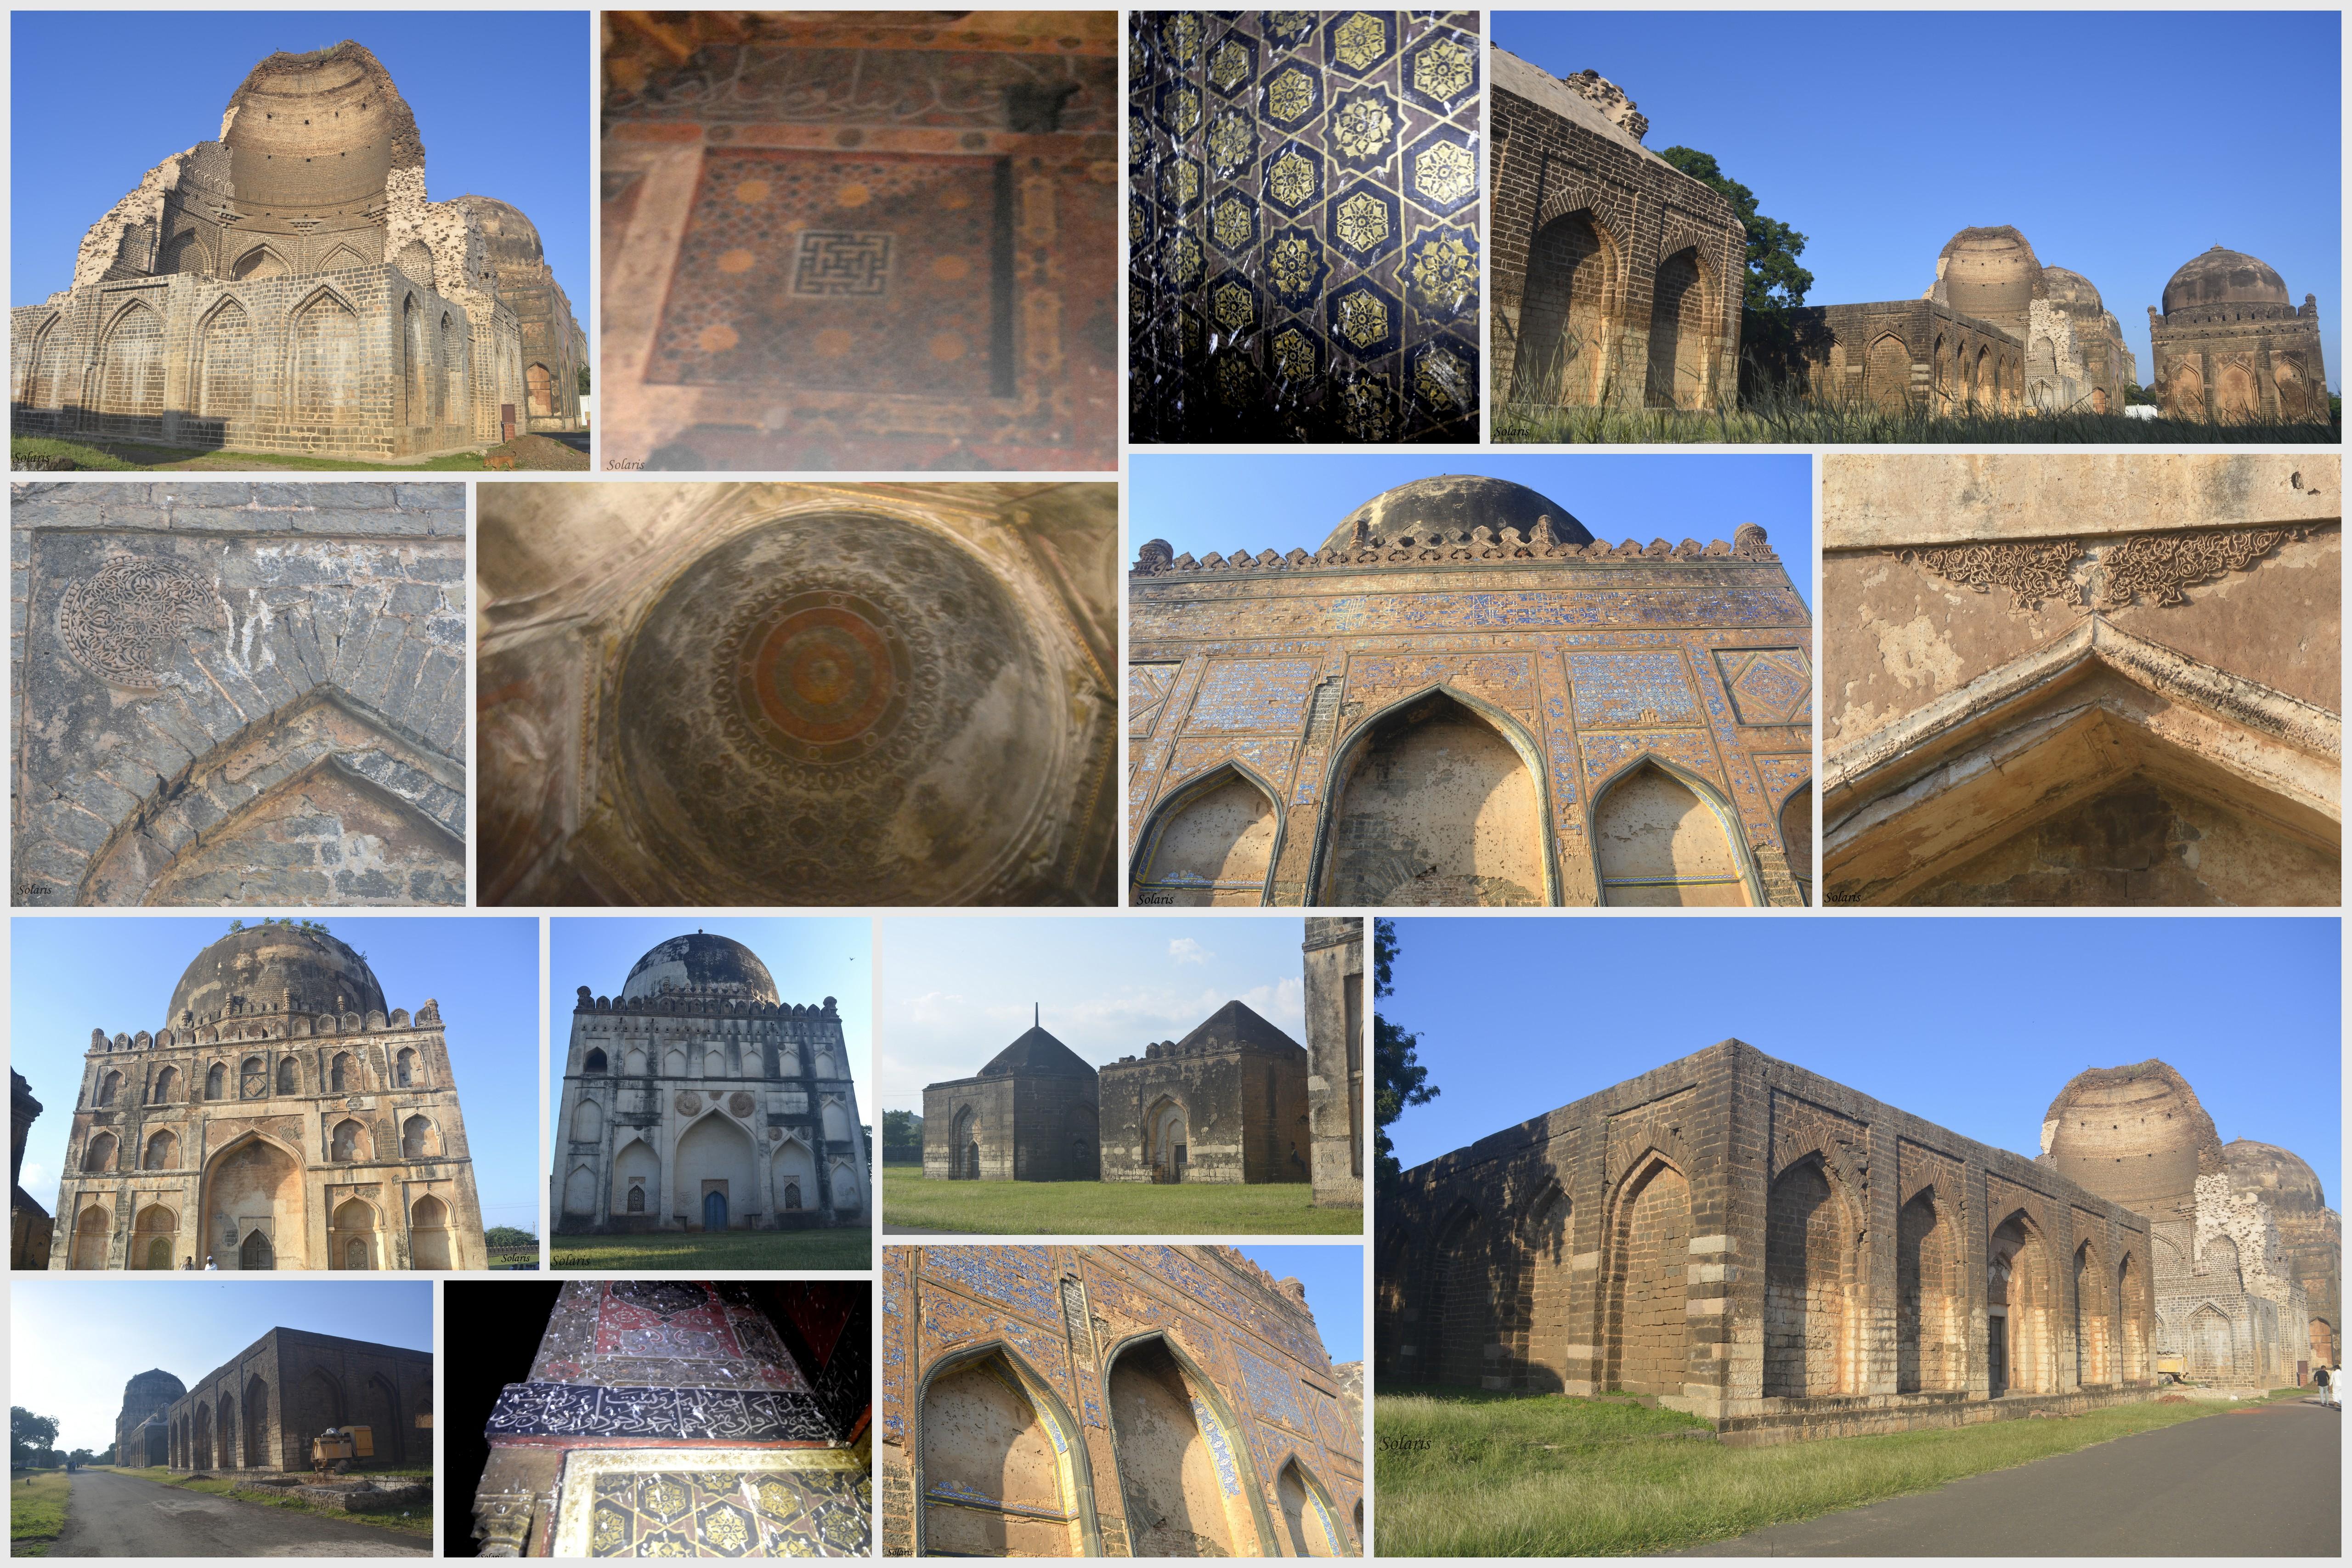 Bahmani Tombs, Bidar